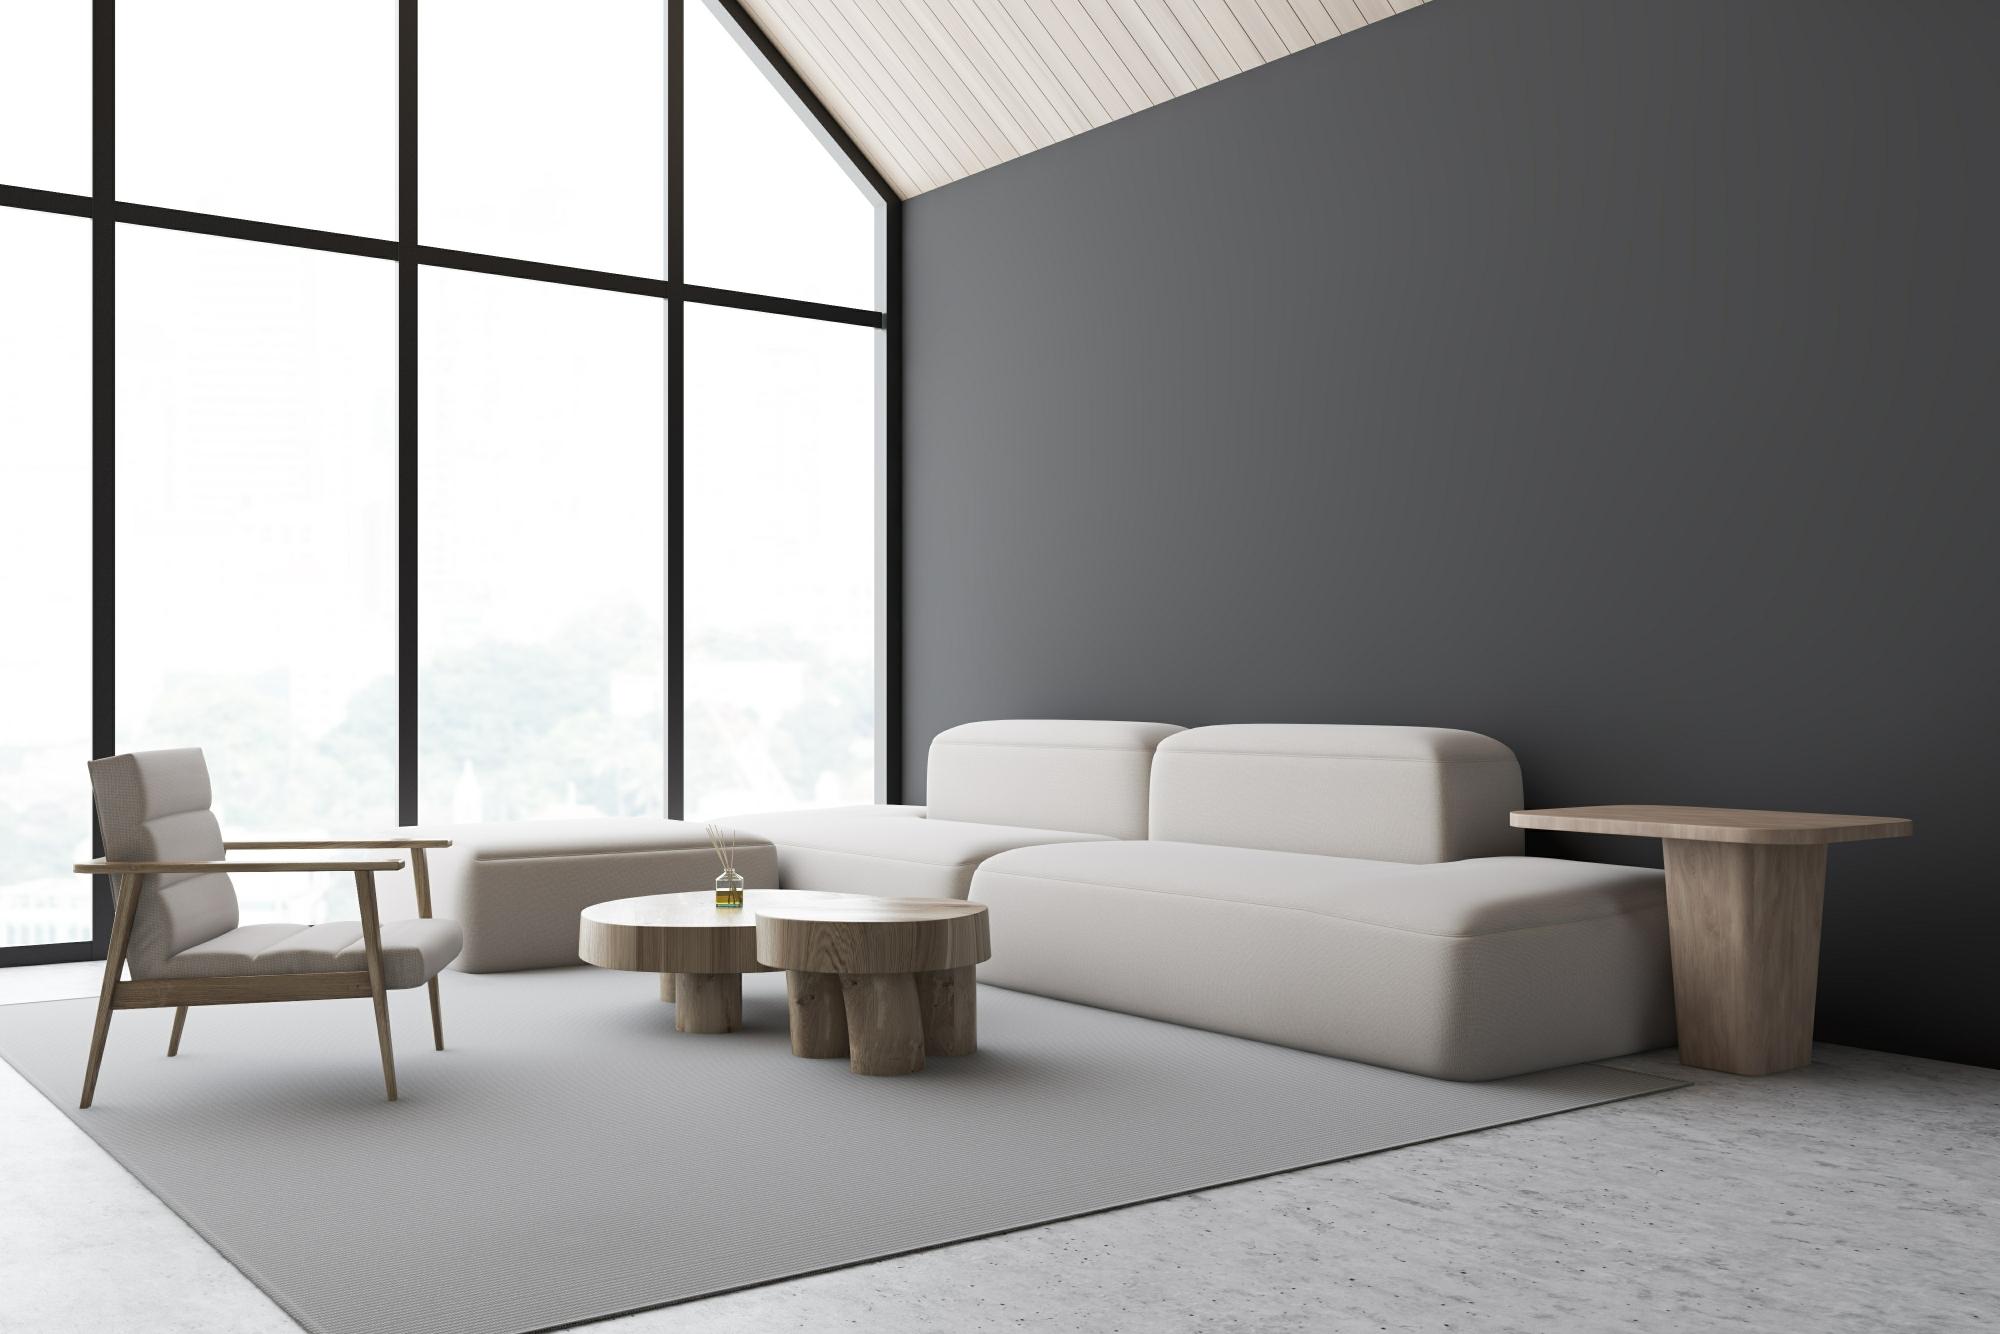 Okno na styl — jakie okna wybrać do minimalistycznego wnętrza